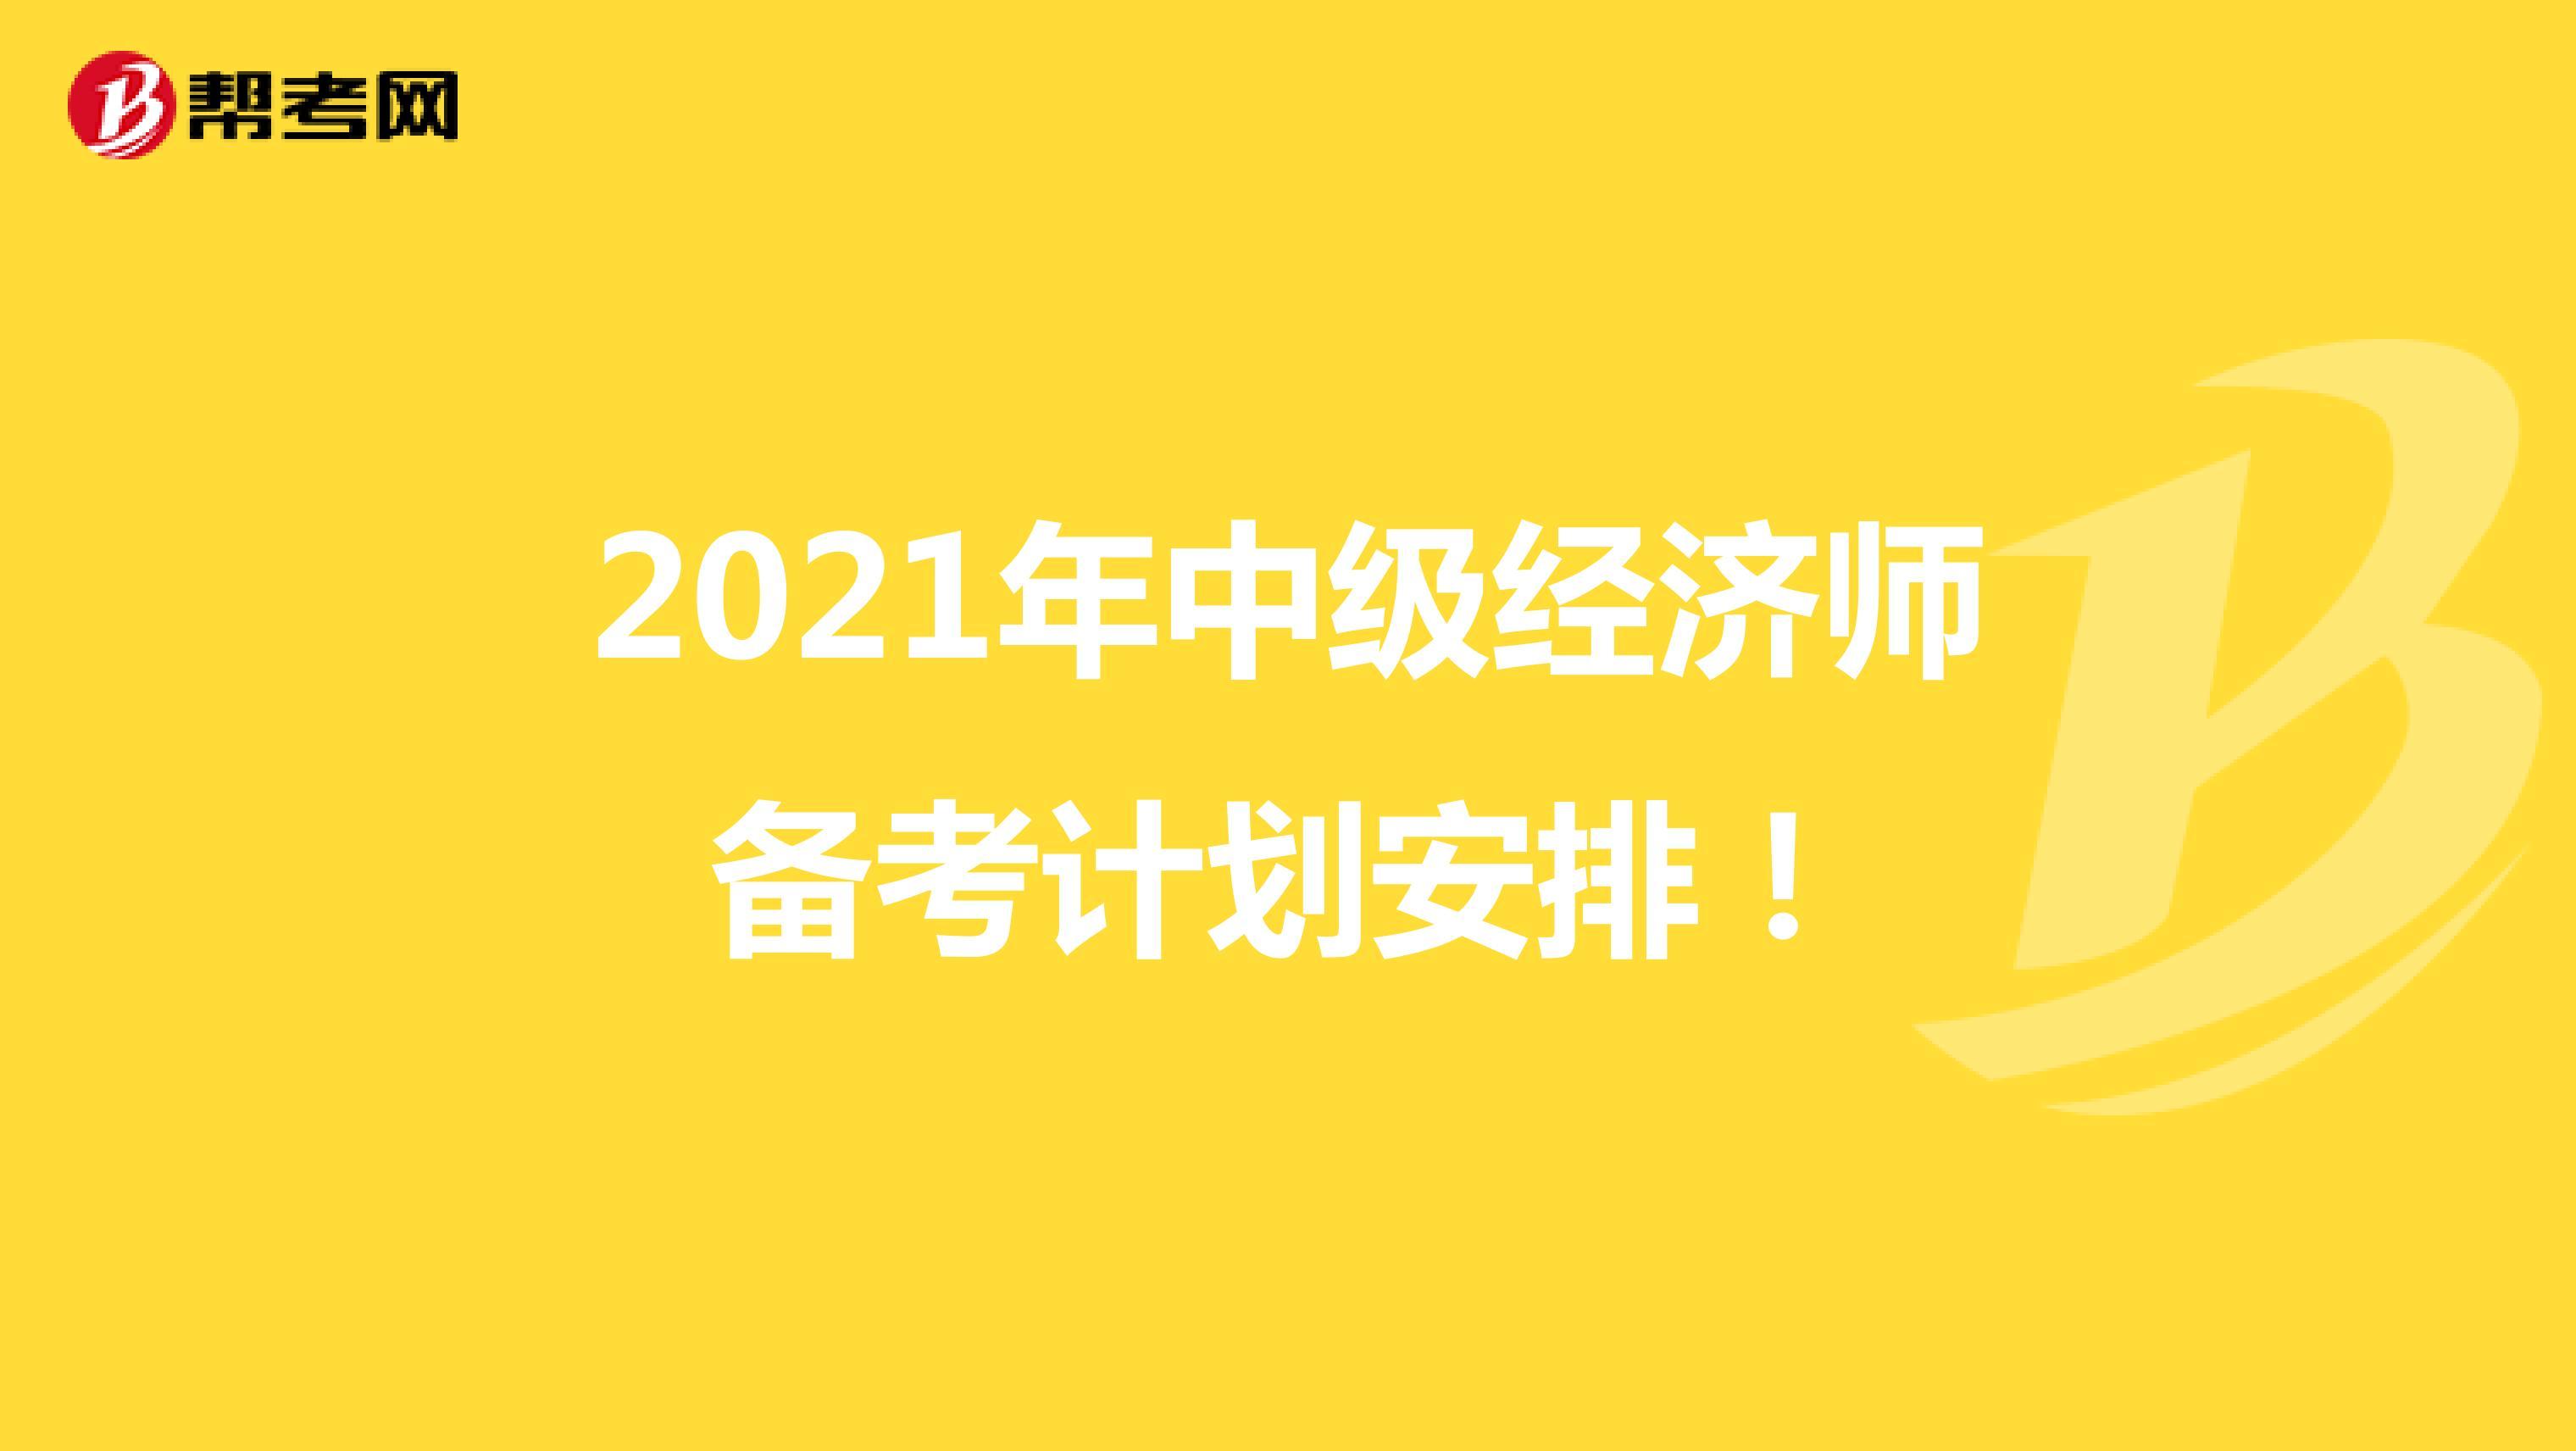 2021年中级经济师备考计划安排!